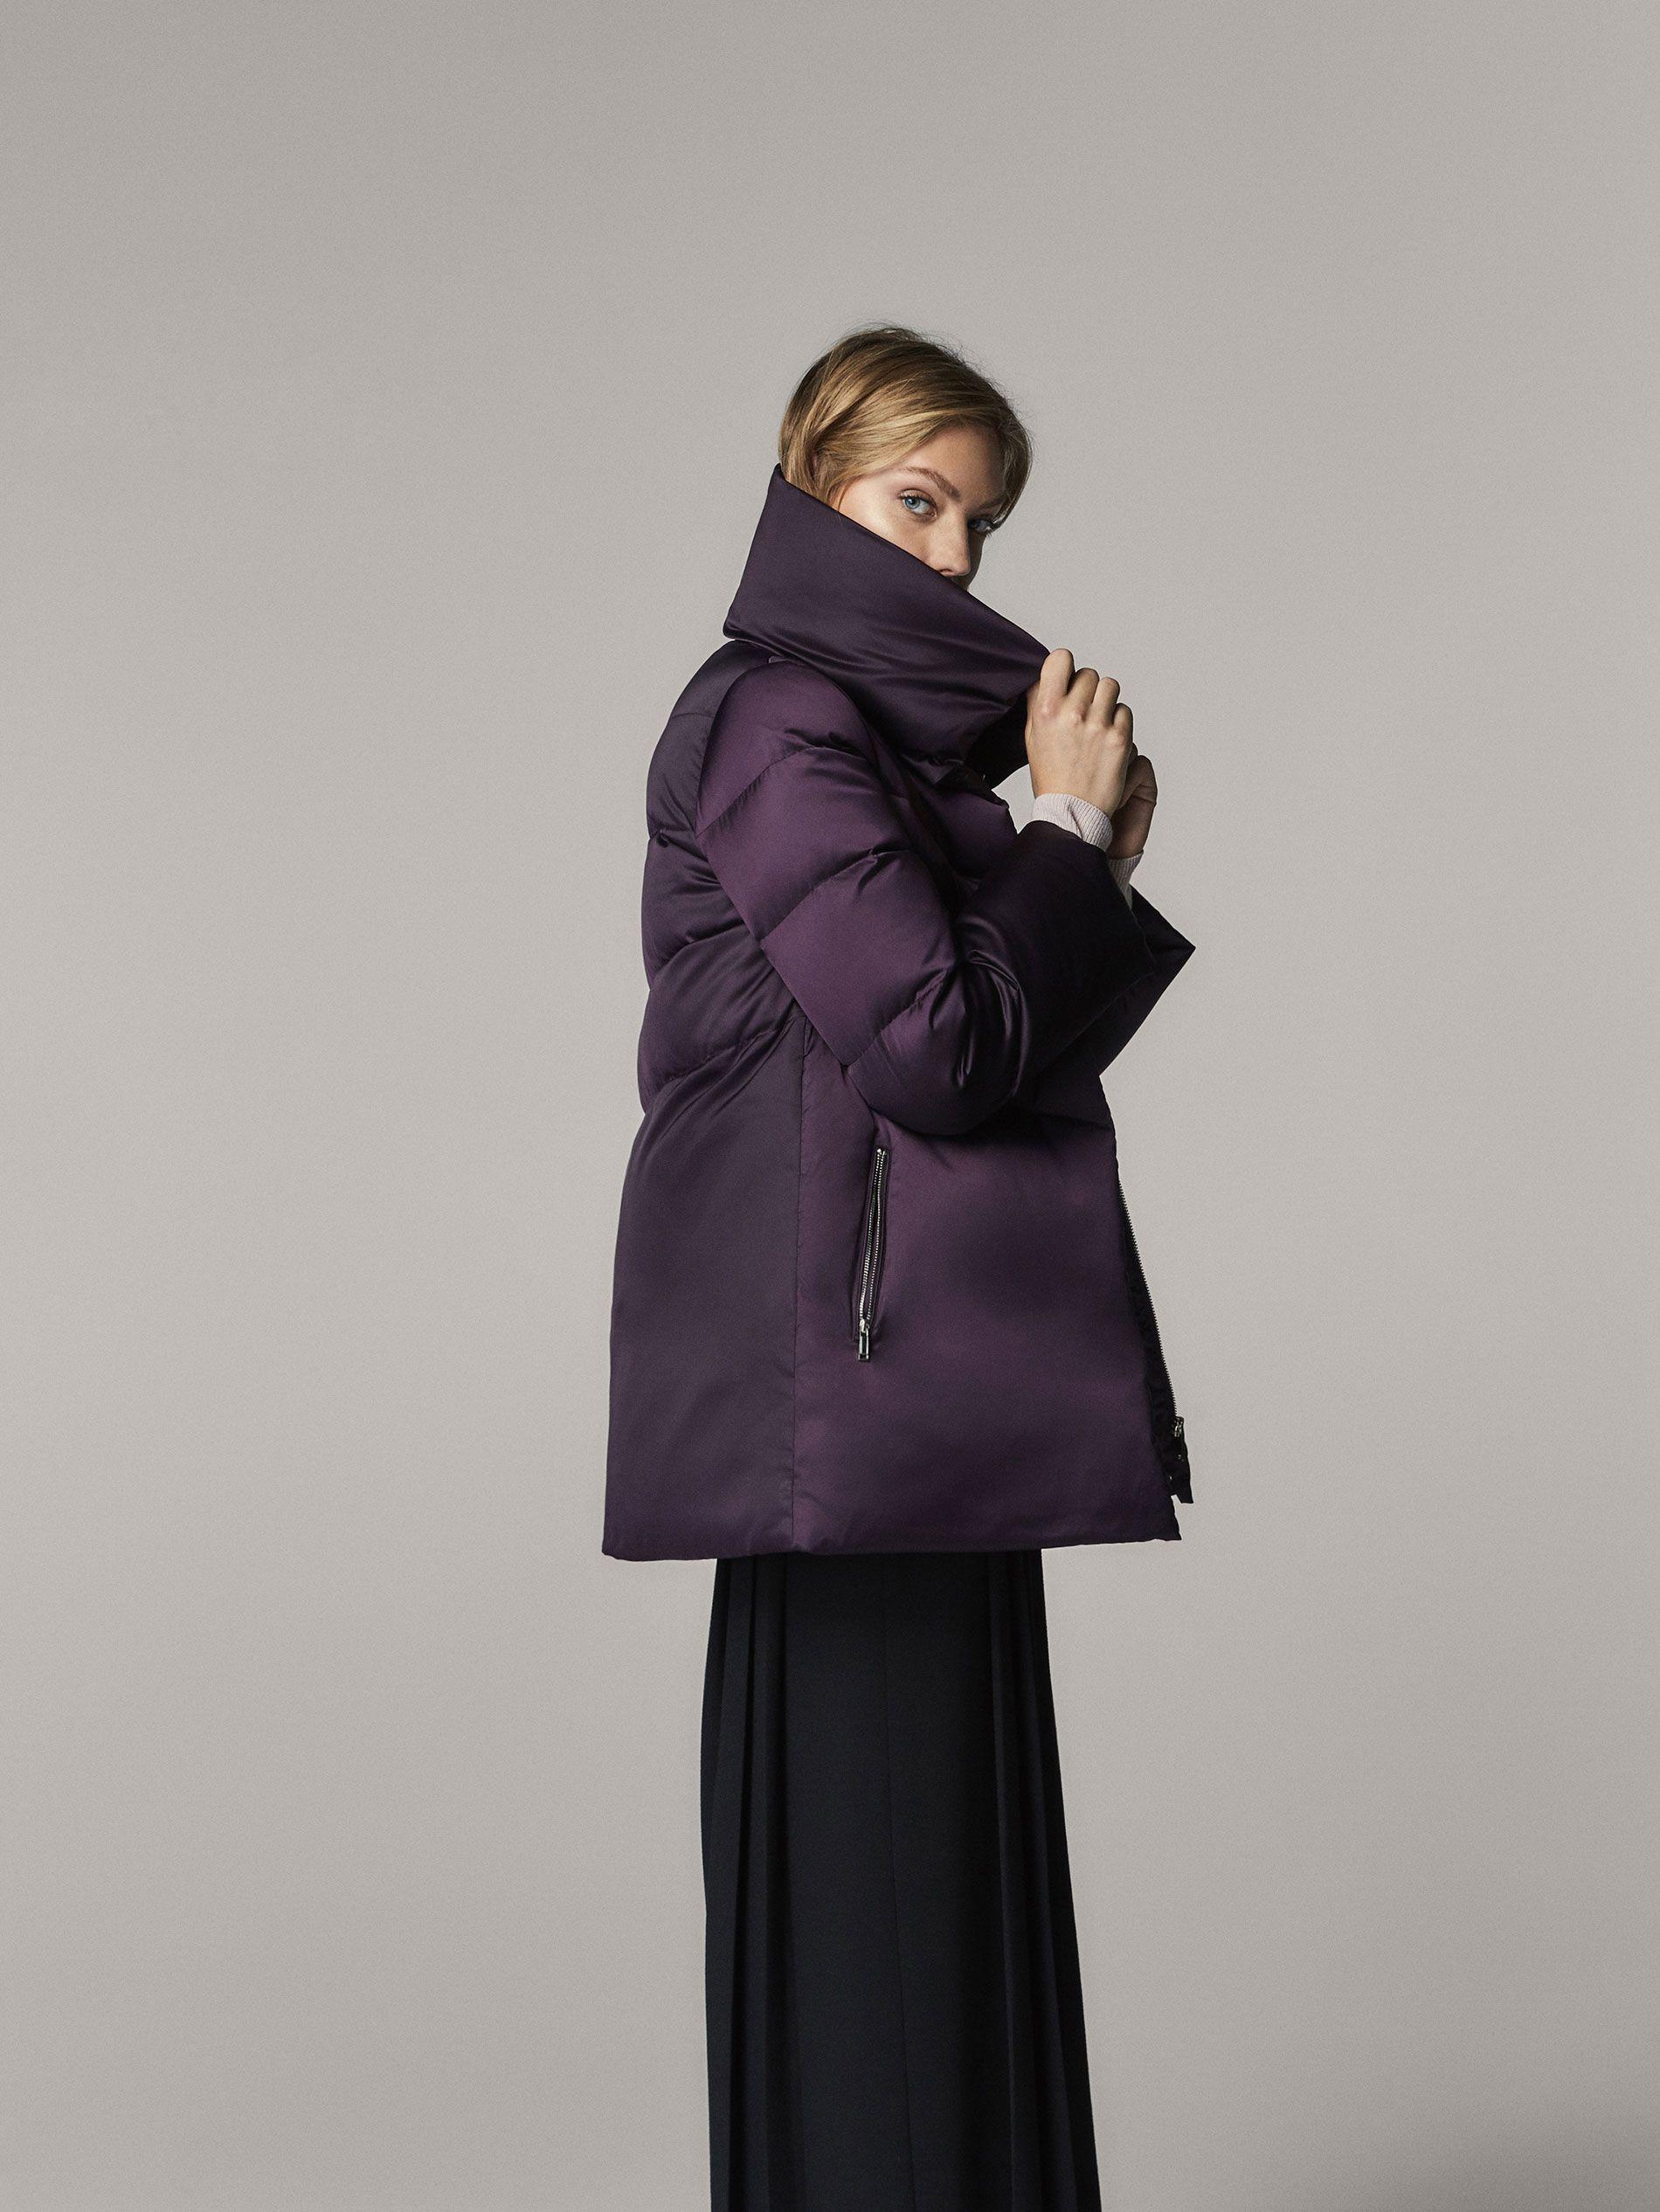 Куртка-пуховик с наполнителем из натуральных перьев. Прямой крой, высокий воротник и застежка на молнию, скрытую планкой с кнопками. Два боковых кармана на молнии, длинные рукава и подкладка. Длина спинки для размераM составляет 80см.